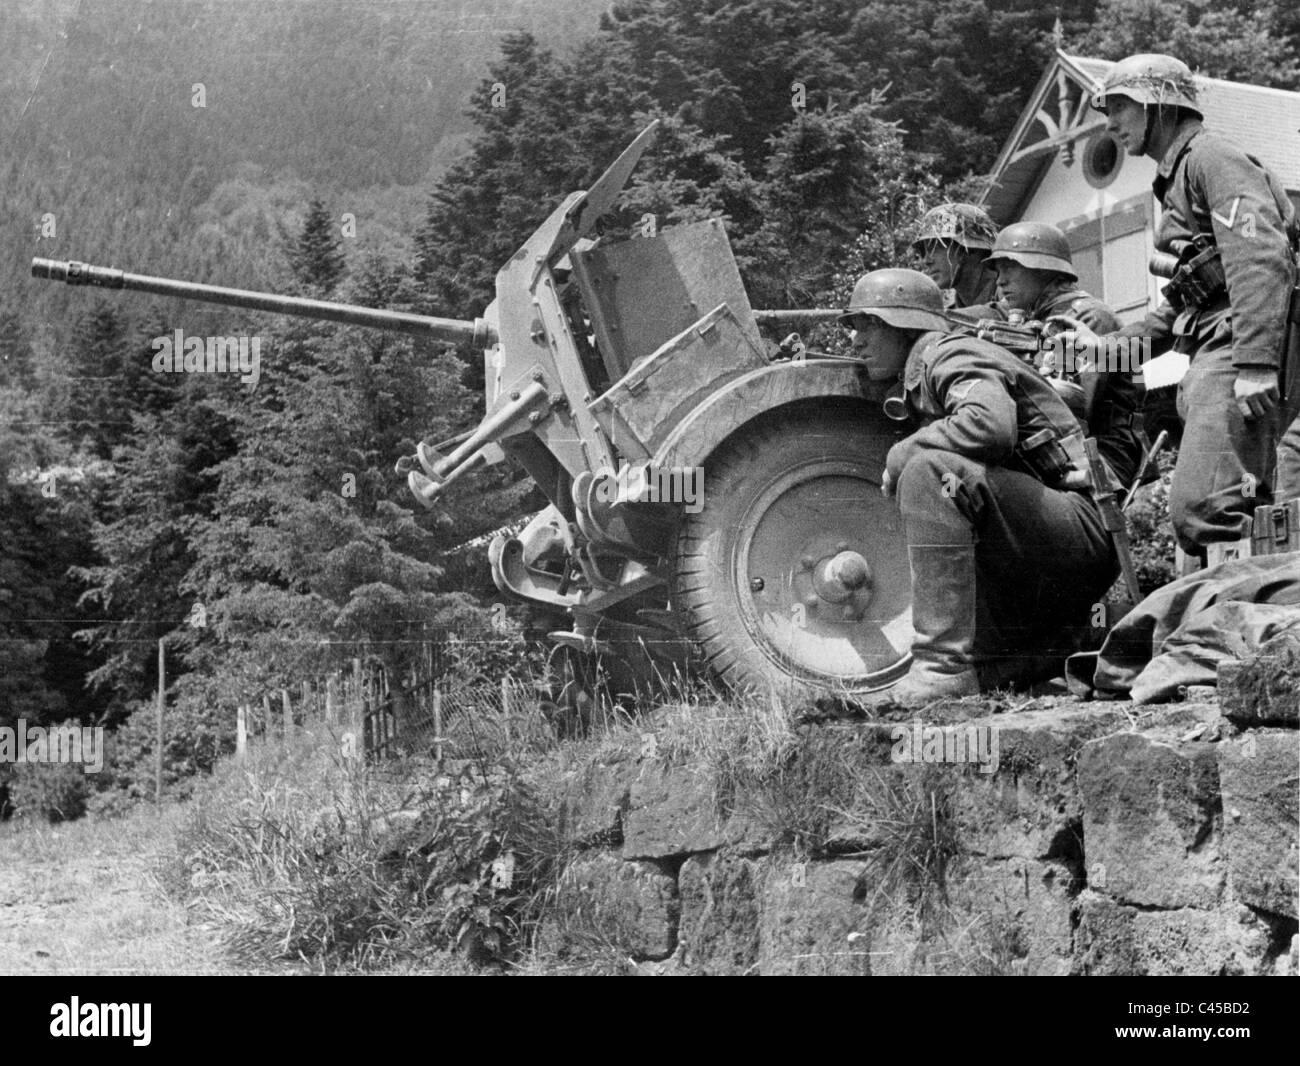 Germania nazista 2 cm 38 antiaerea nel Caucaso, 1942 Immagini Stock